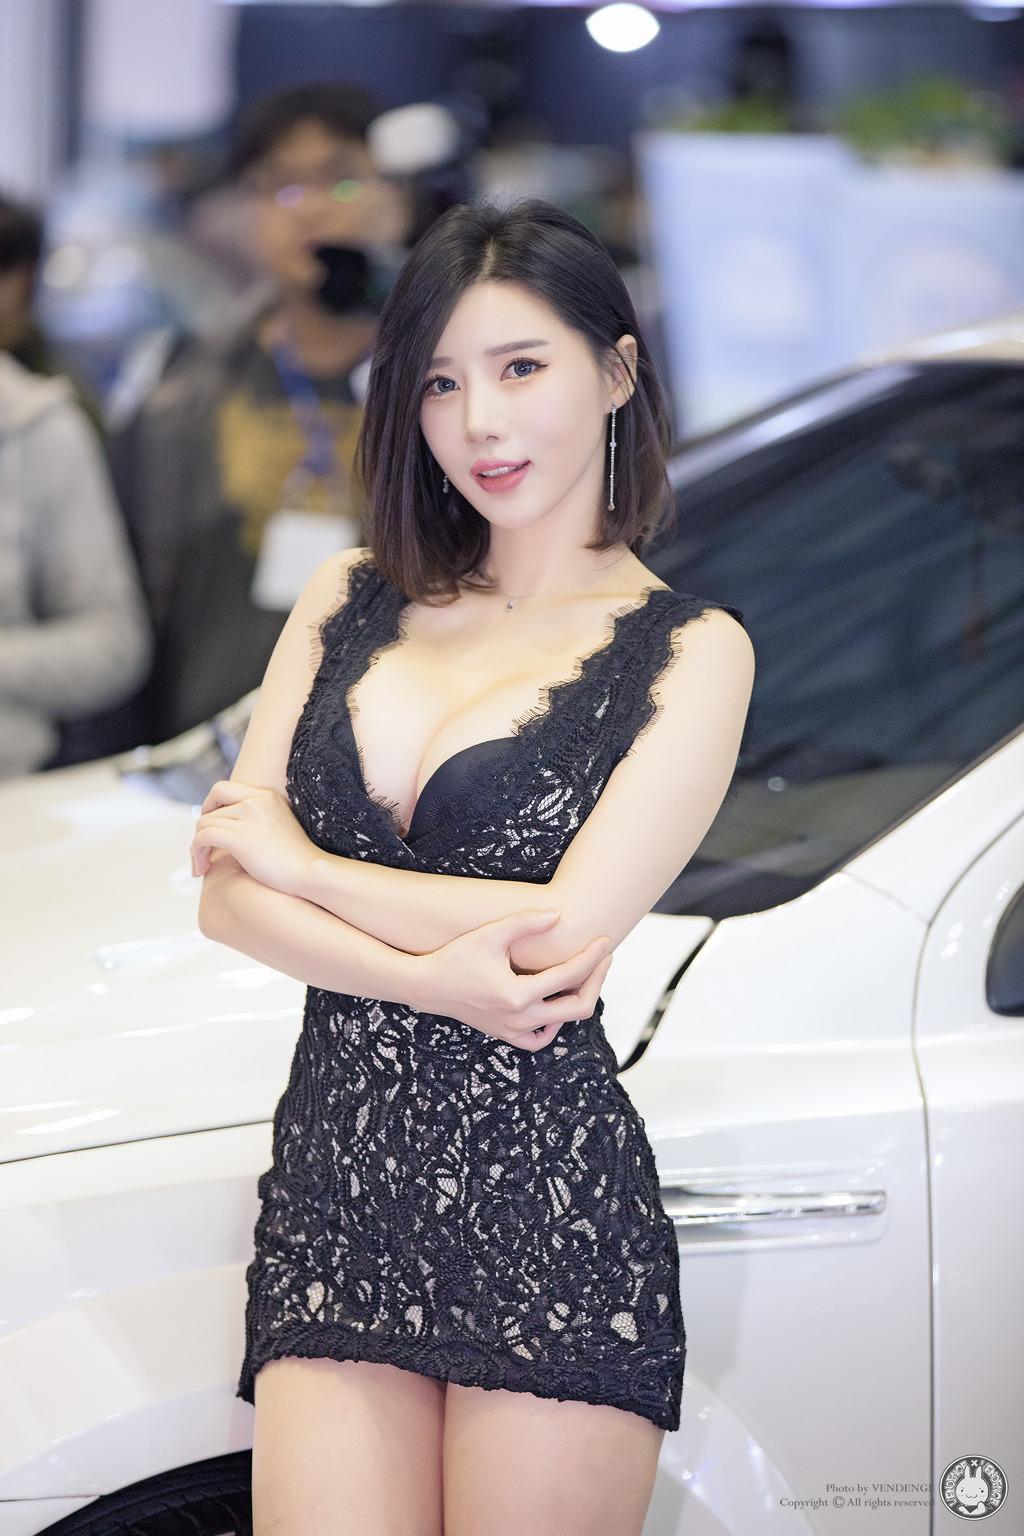 性感美女宋姝儿美女图片精选武超车展图片